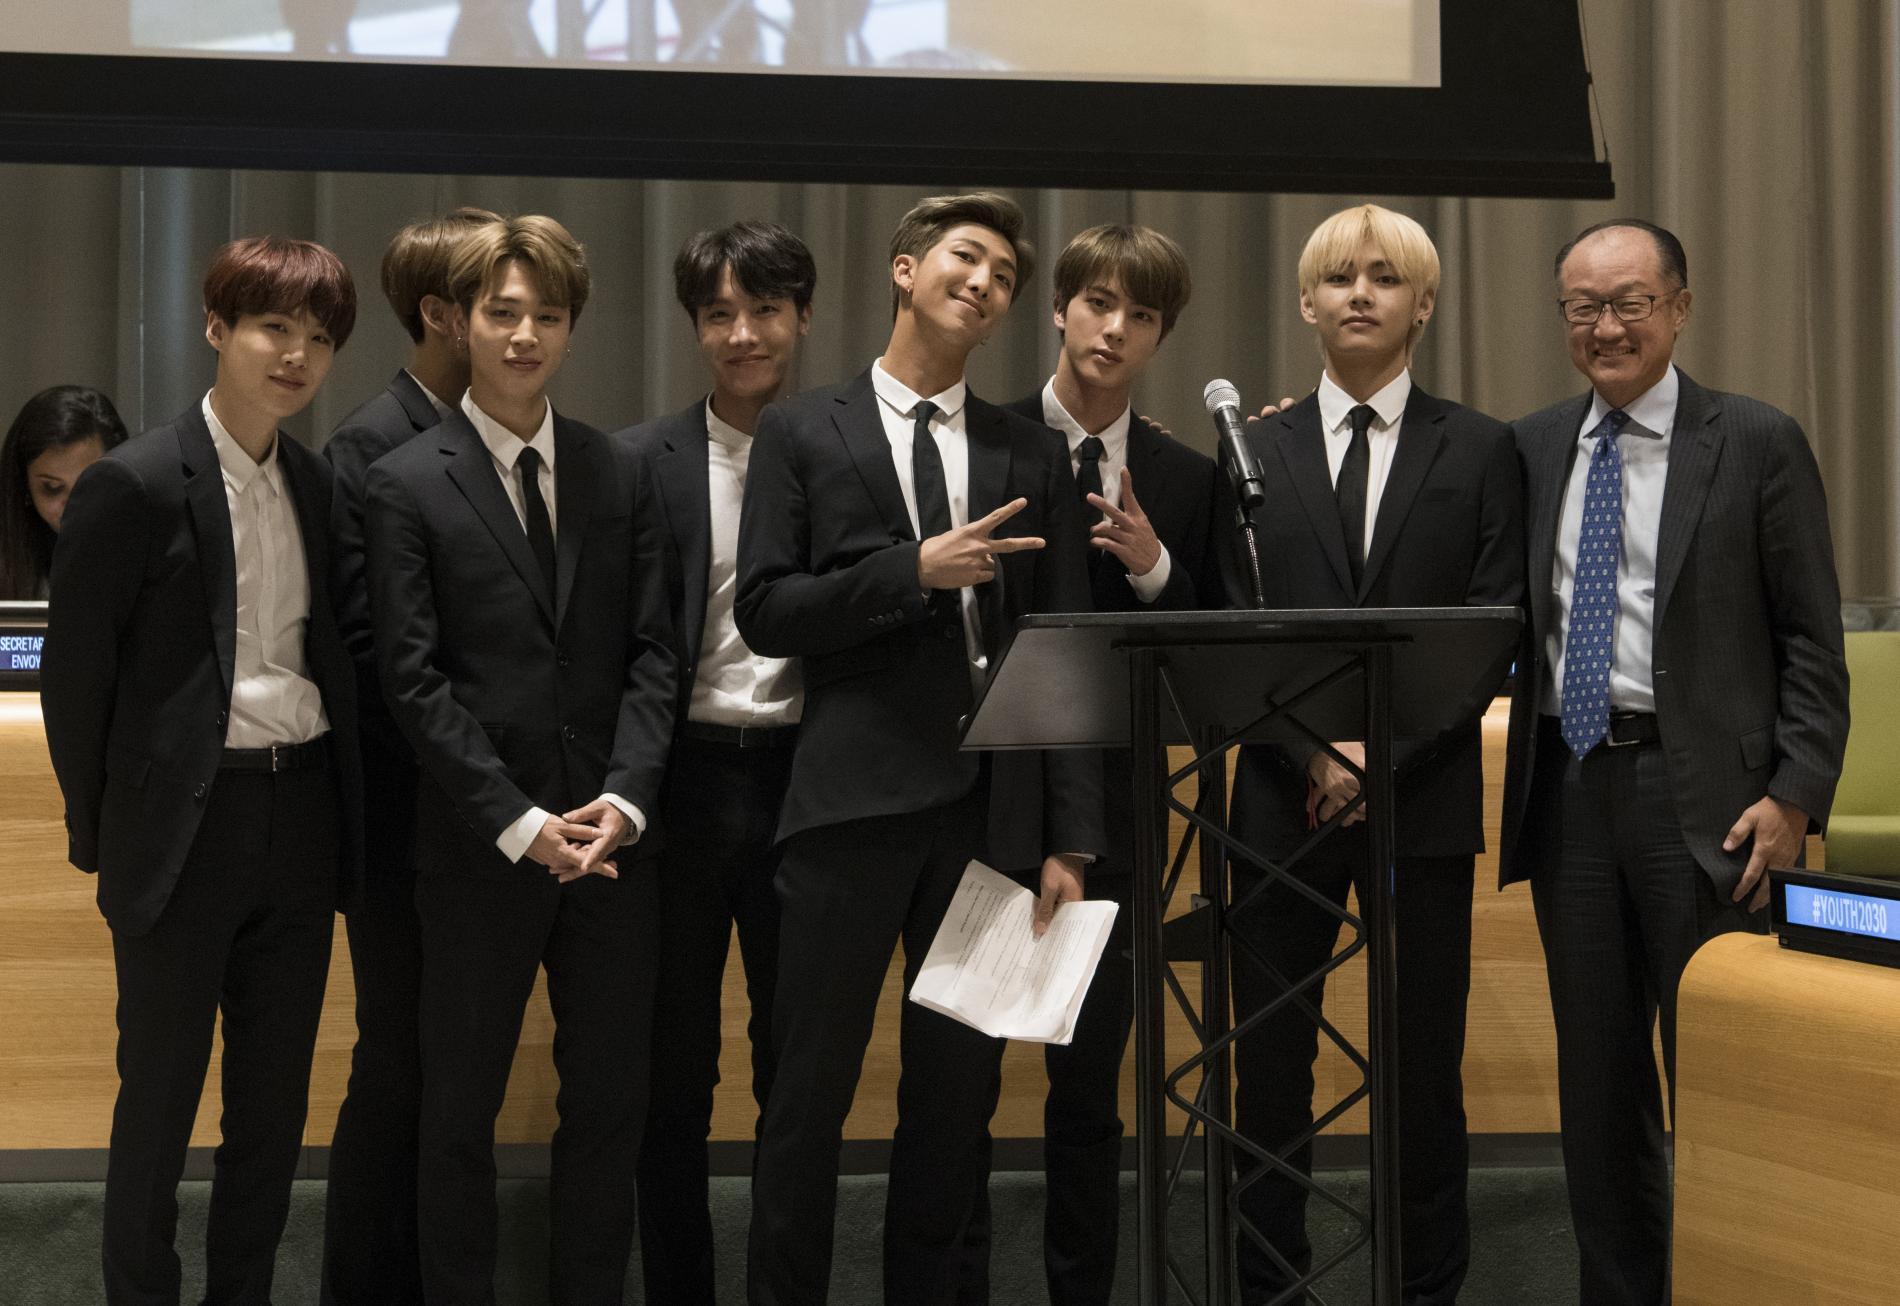 Les membres de BTS posent en compagnie de Jim YongKim (à droite), le président de la Banque mondiale, à l\'occasion de leur prise de parole à l\'ONU, à New York (Etats-Unis), le 24 septembre 2018.